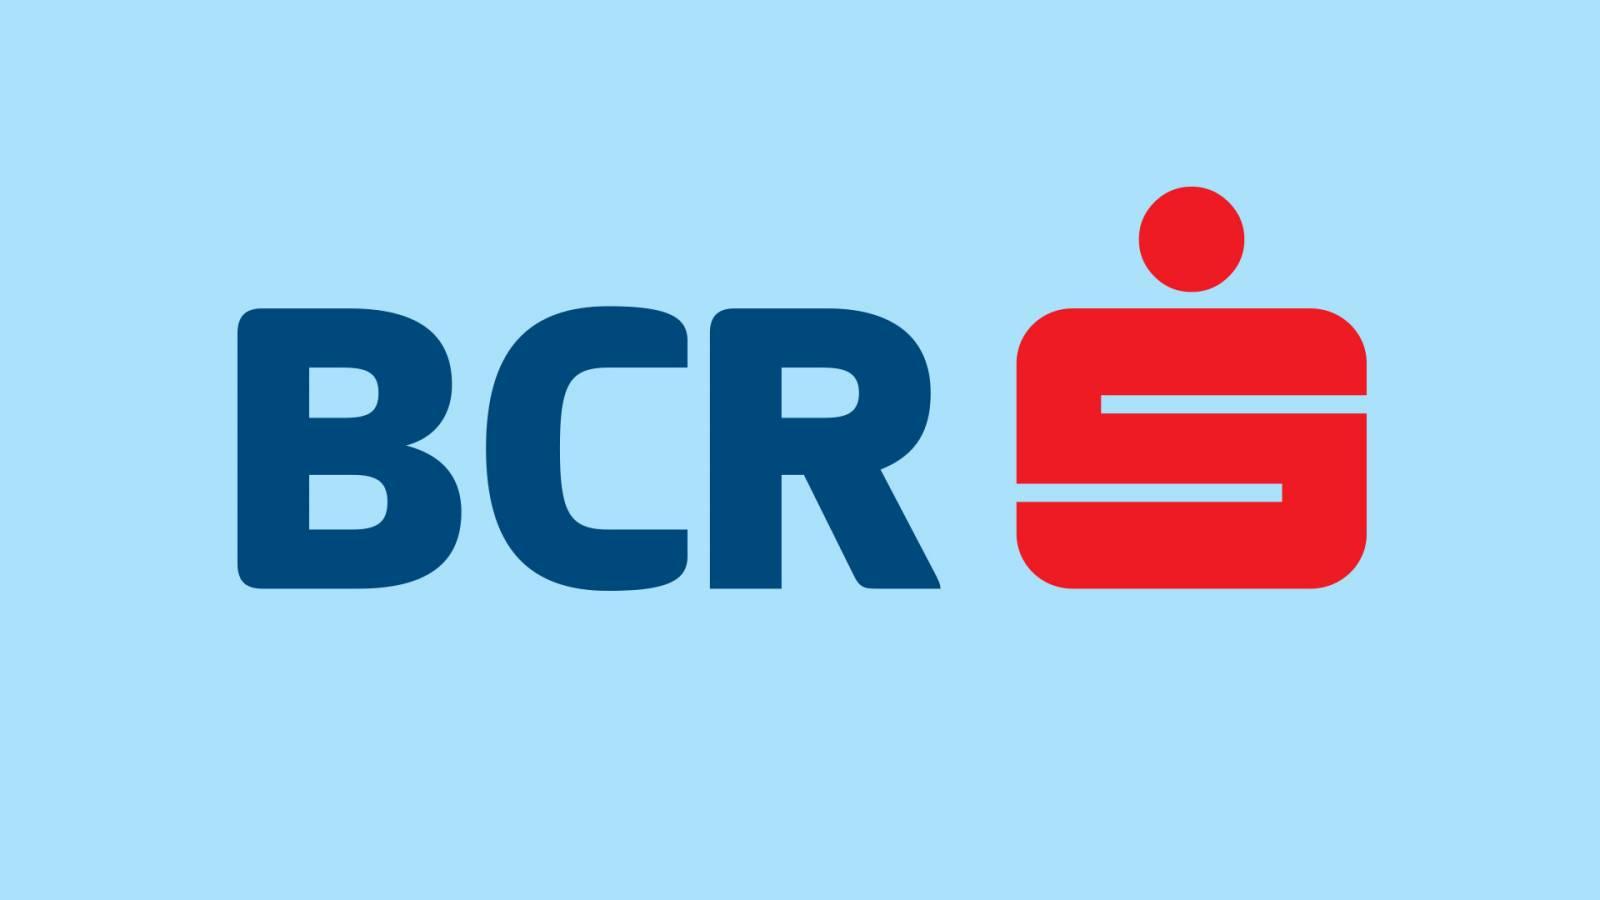 BCR Romania click